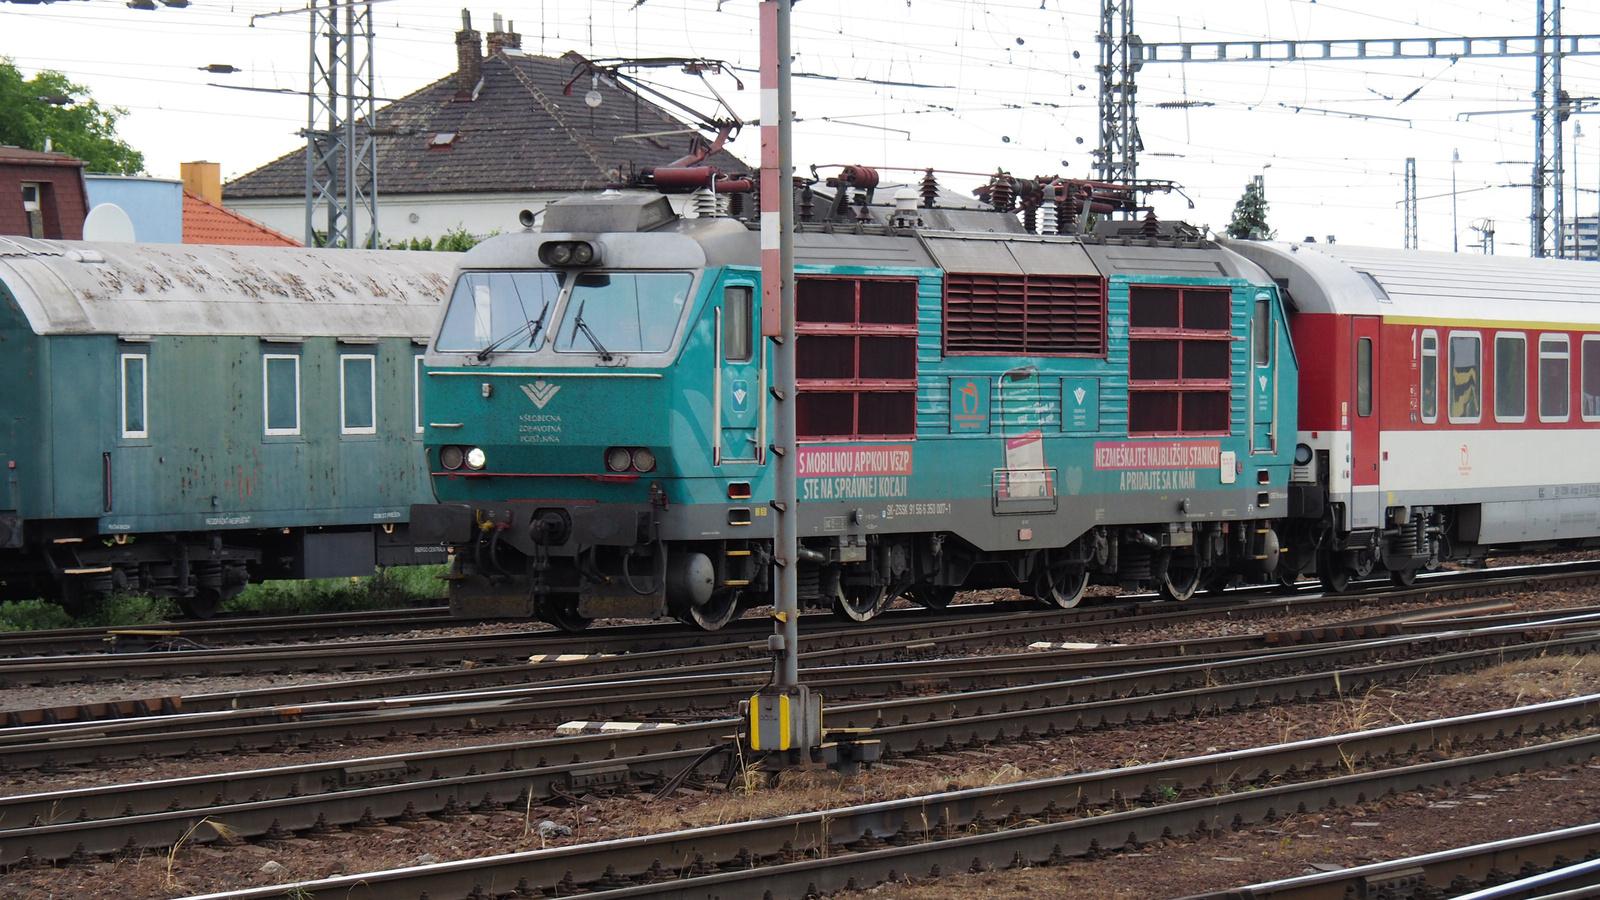 SK-ZSSK 91 56 6 350 007-1, SzG3